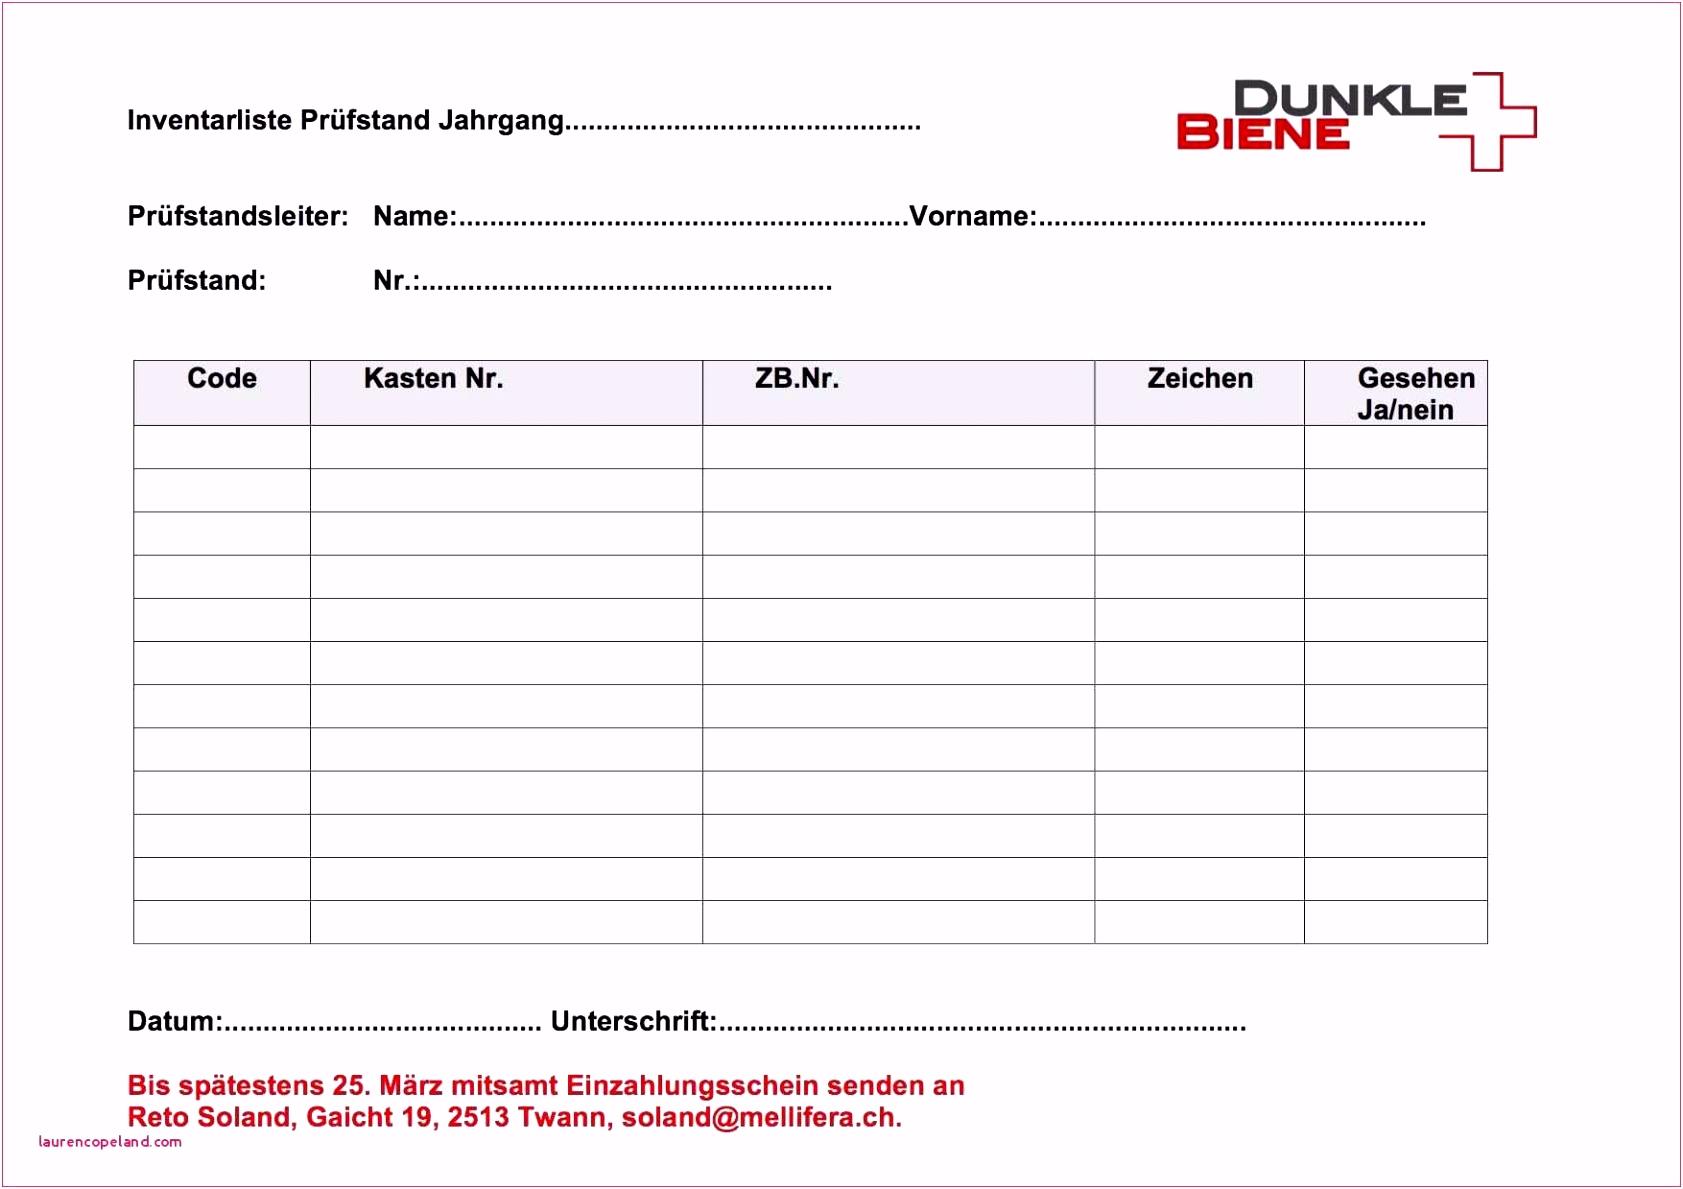 Bautagebuch Vorlage Pdf 29 Gutschein Muster Vorlage Lrqwgp